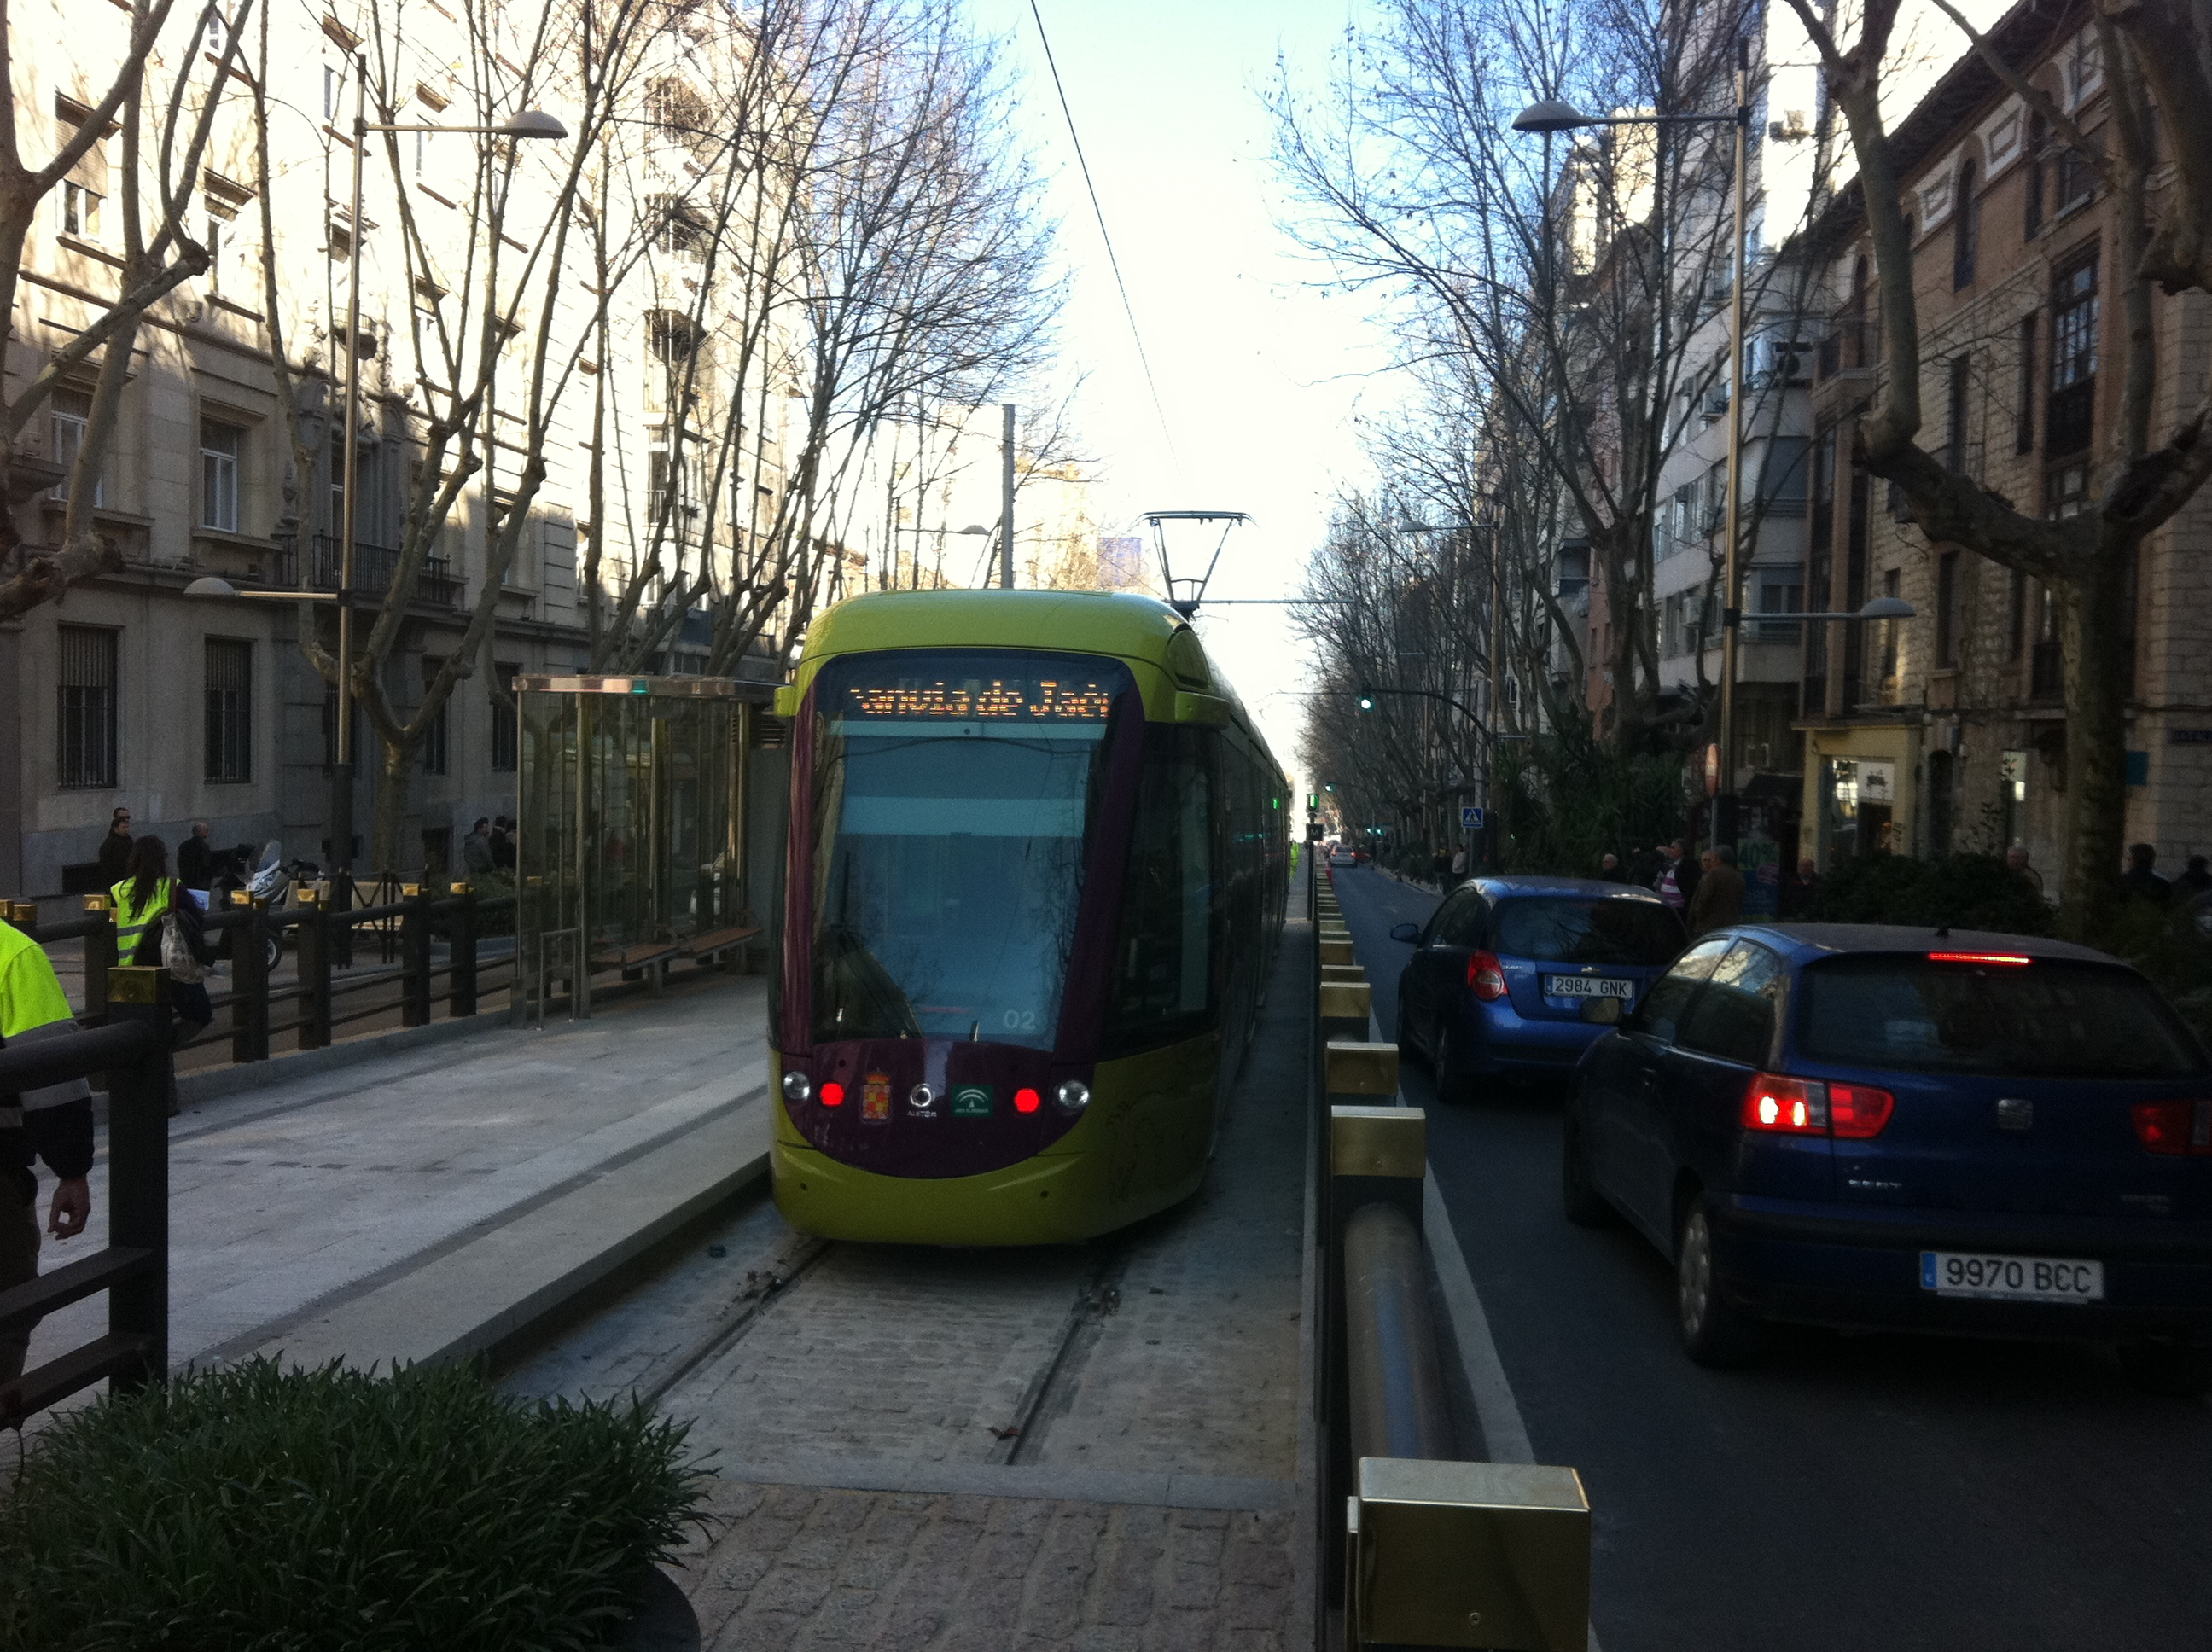 El Tranvía de Jaén estuvo en fase de pruebas en mayo de 2011.